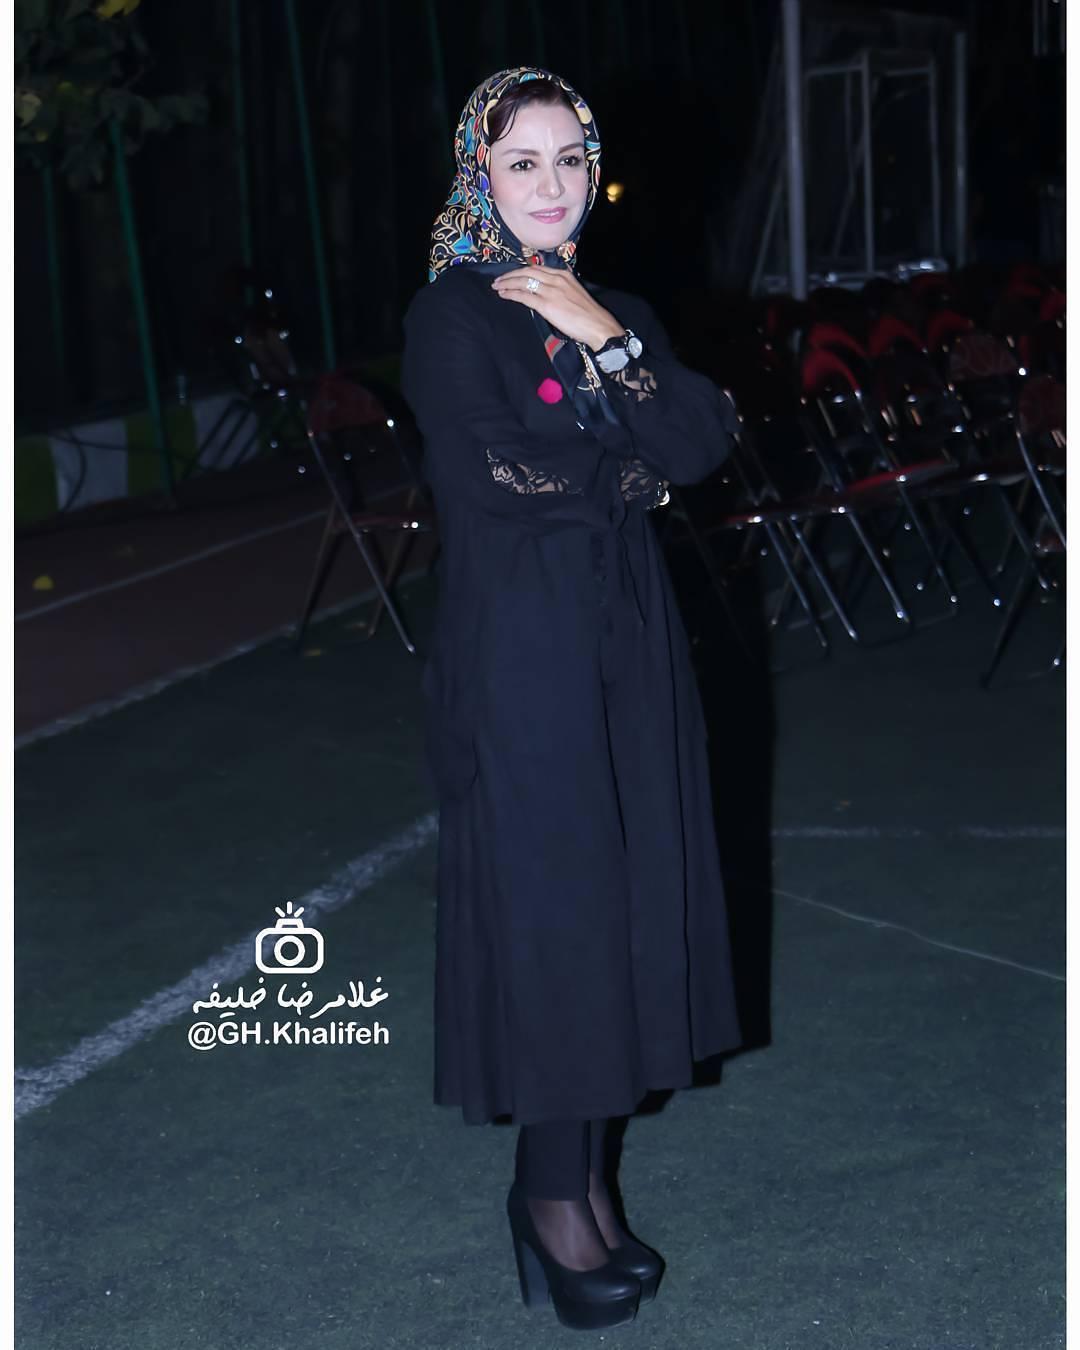 مدل مانتو بازیگران در جشن خانه سینما